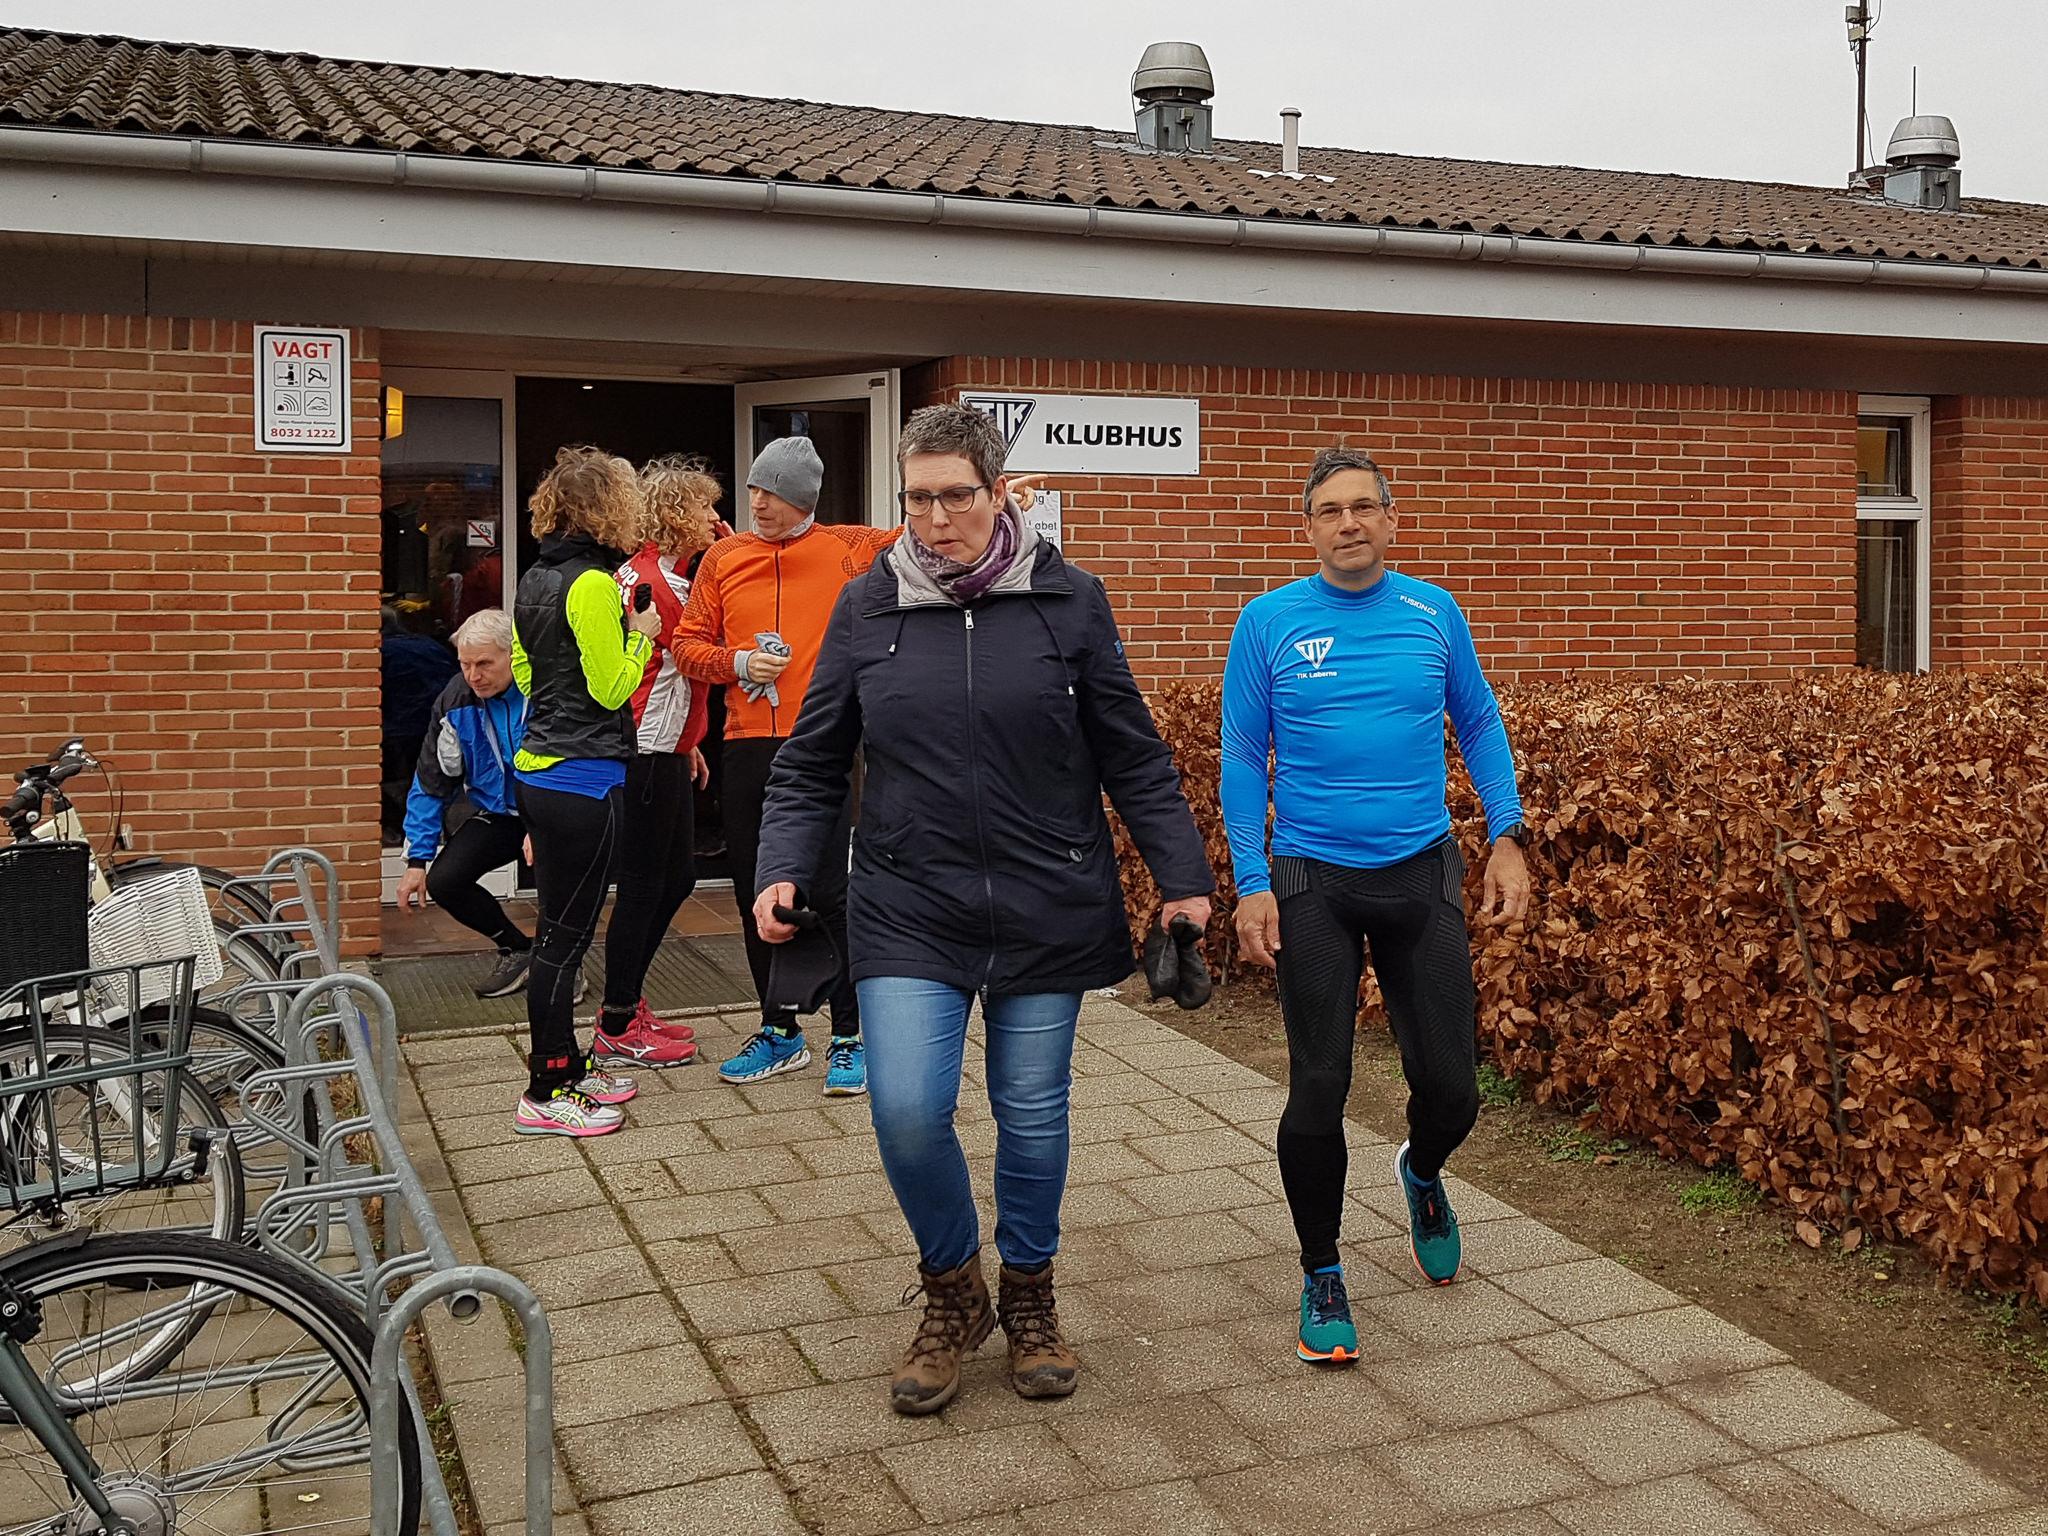 2020-02-09-010-Taastrup-Løbet-2020-02